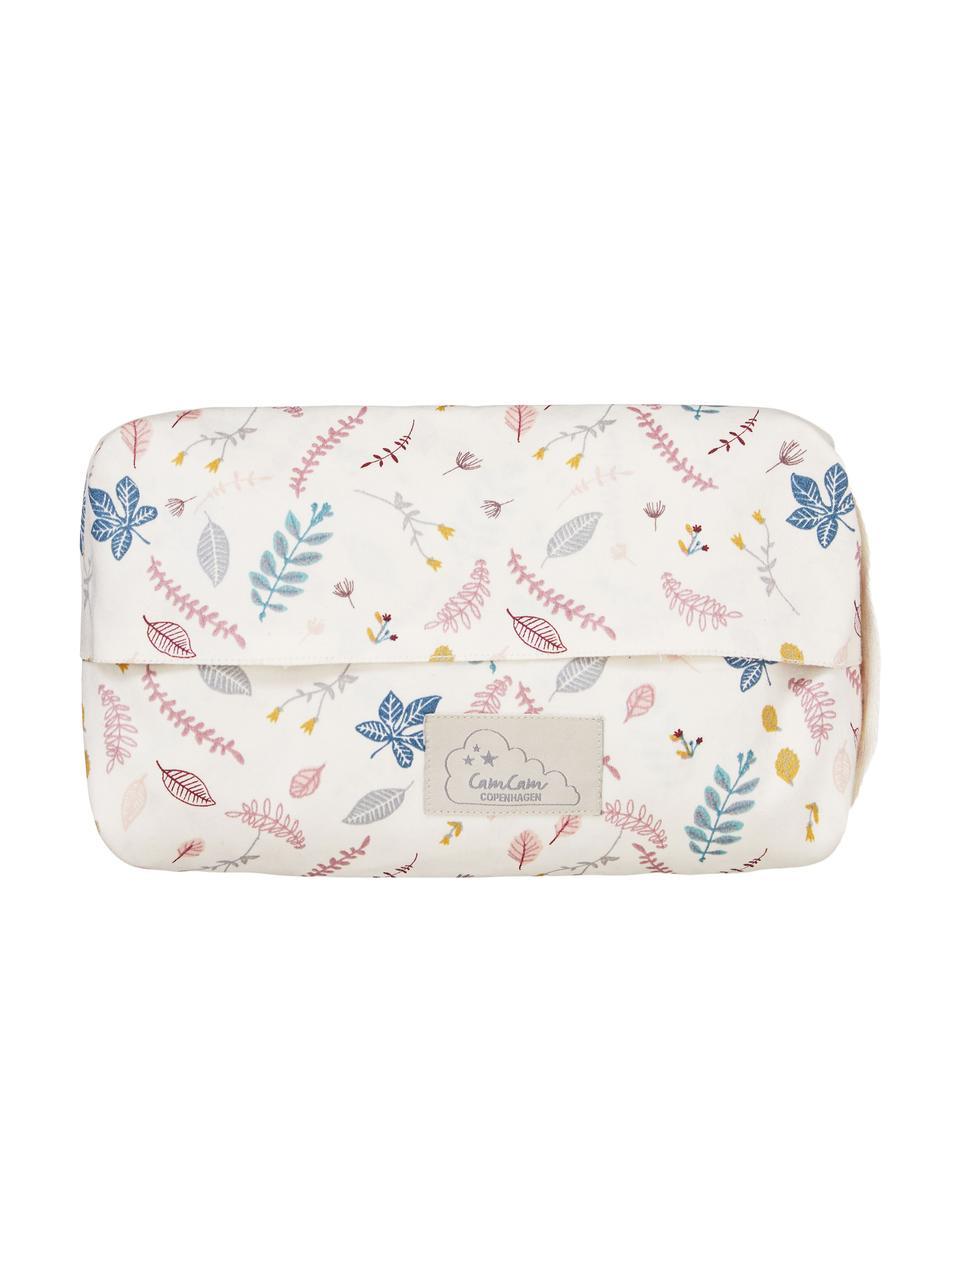 Porta salviettine in cotone organico Pressed Leaves, 100% cotone organico, Crema, rosa, blu, grigio, giallo, Larg. 25 x Prof. 17 cm